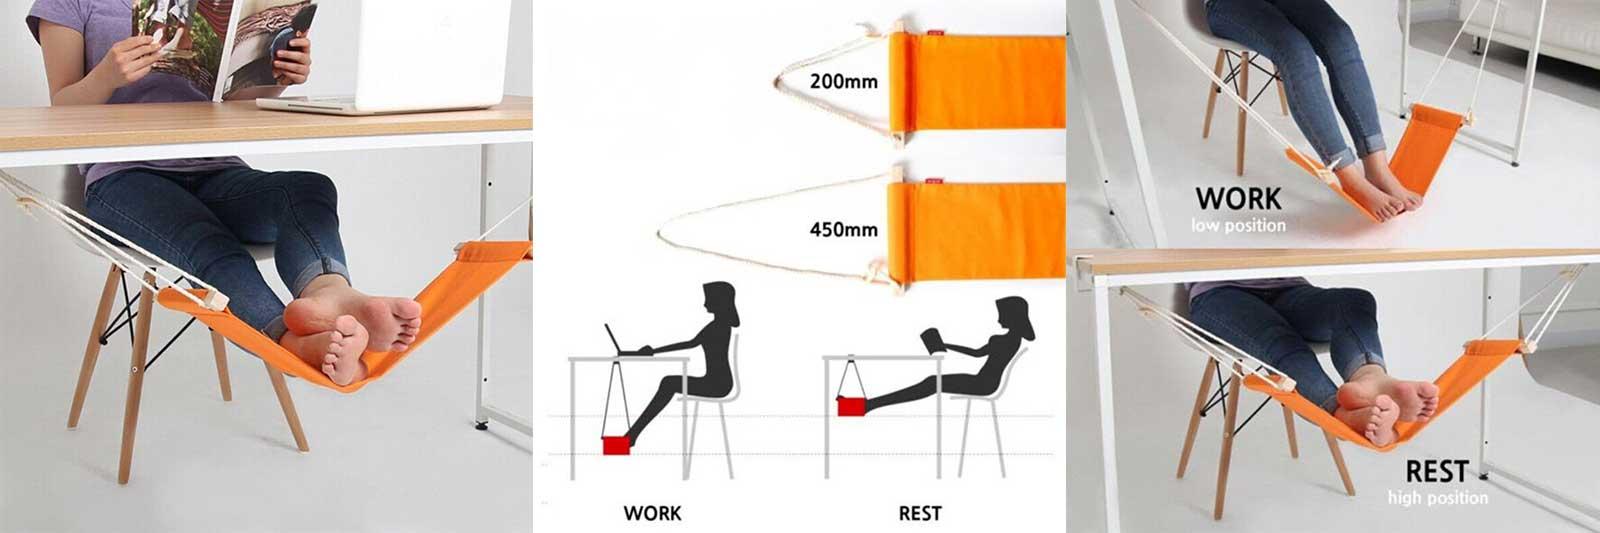 desk feet hammock erdem kocao  lu  desk feet hammock  rh   erdemkocaoglu